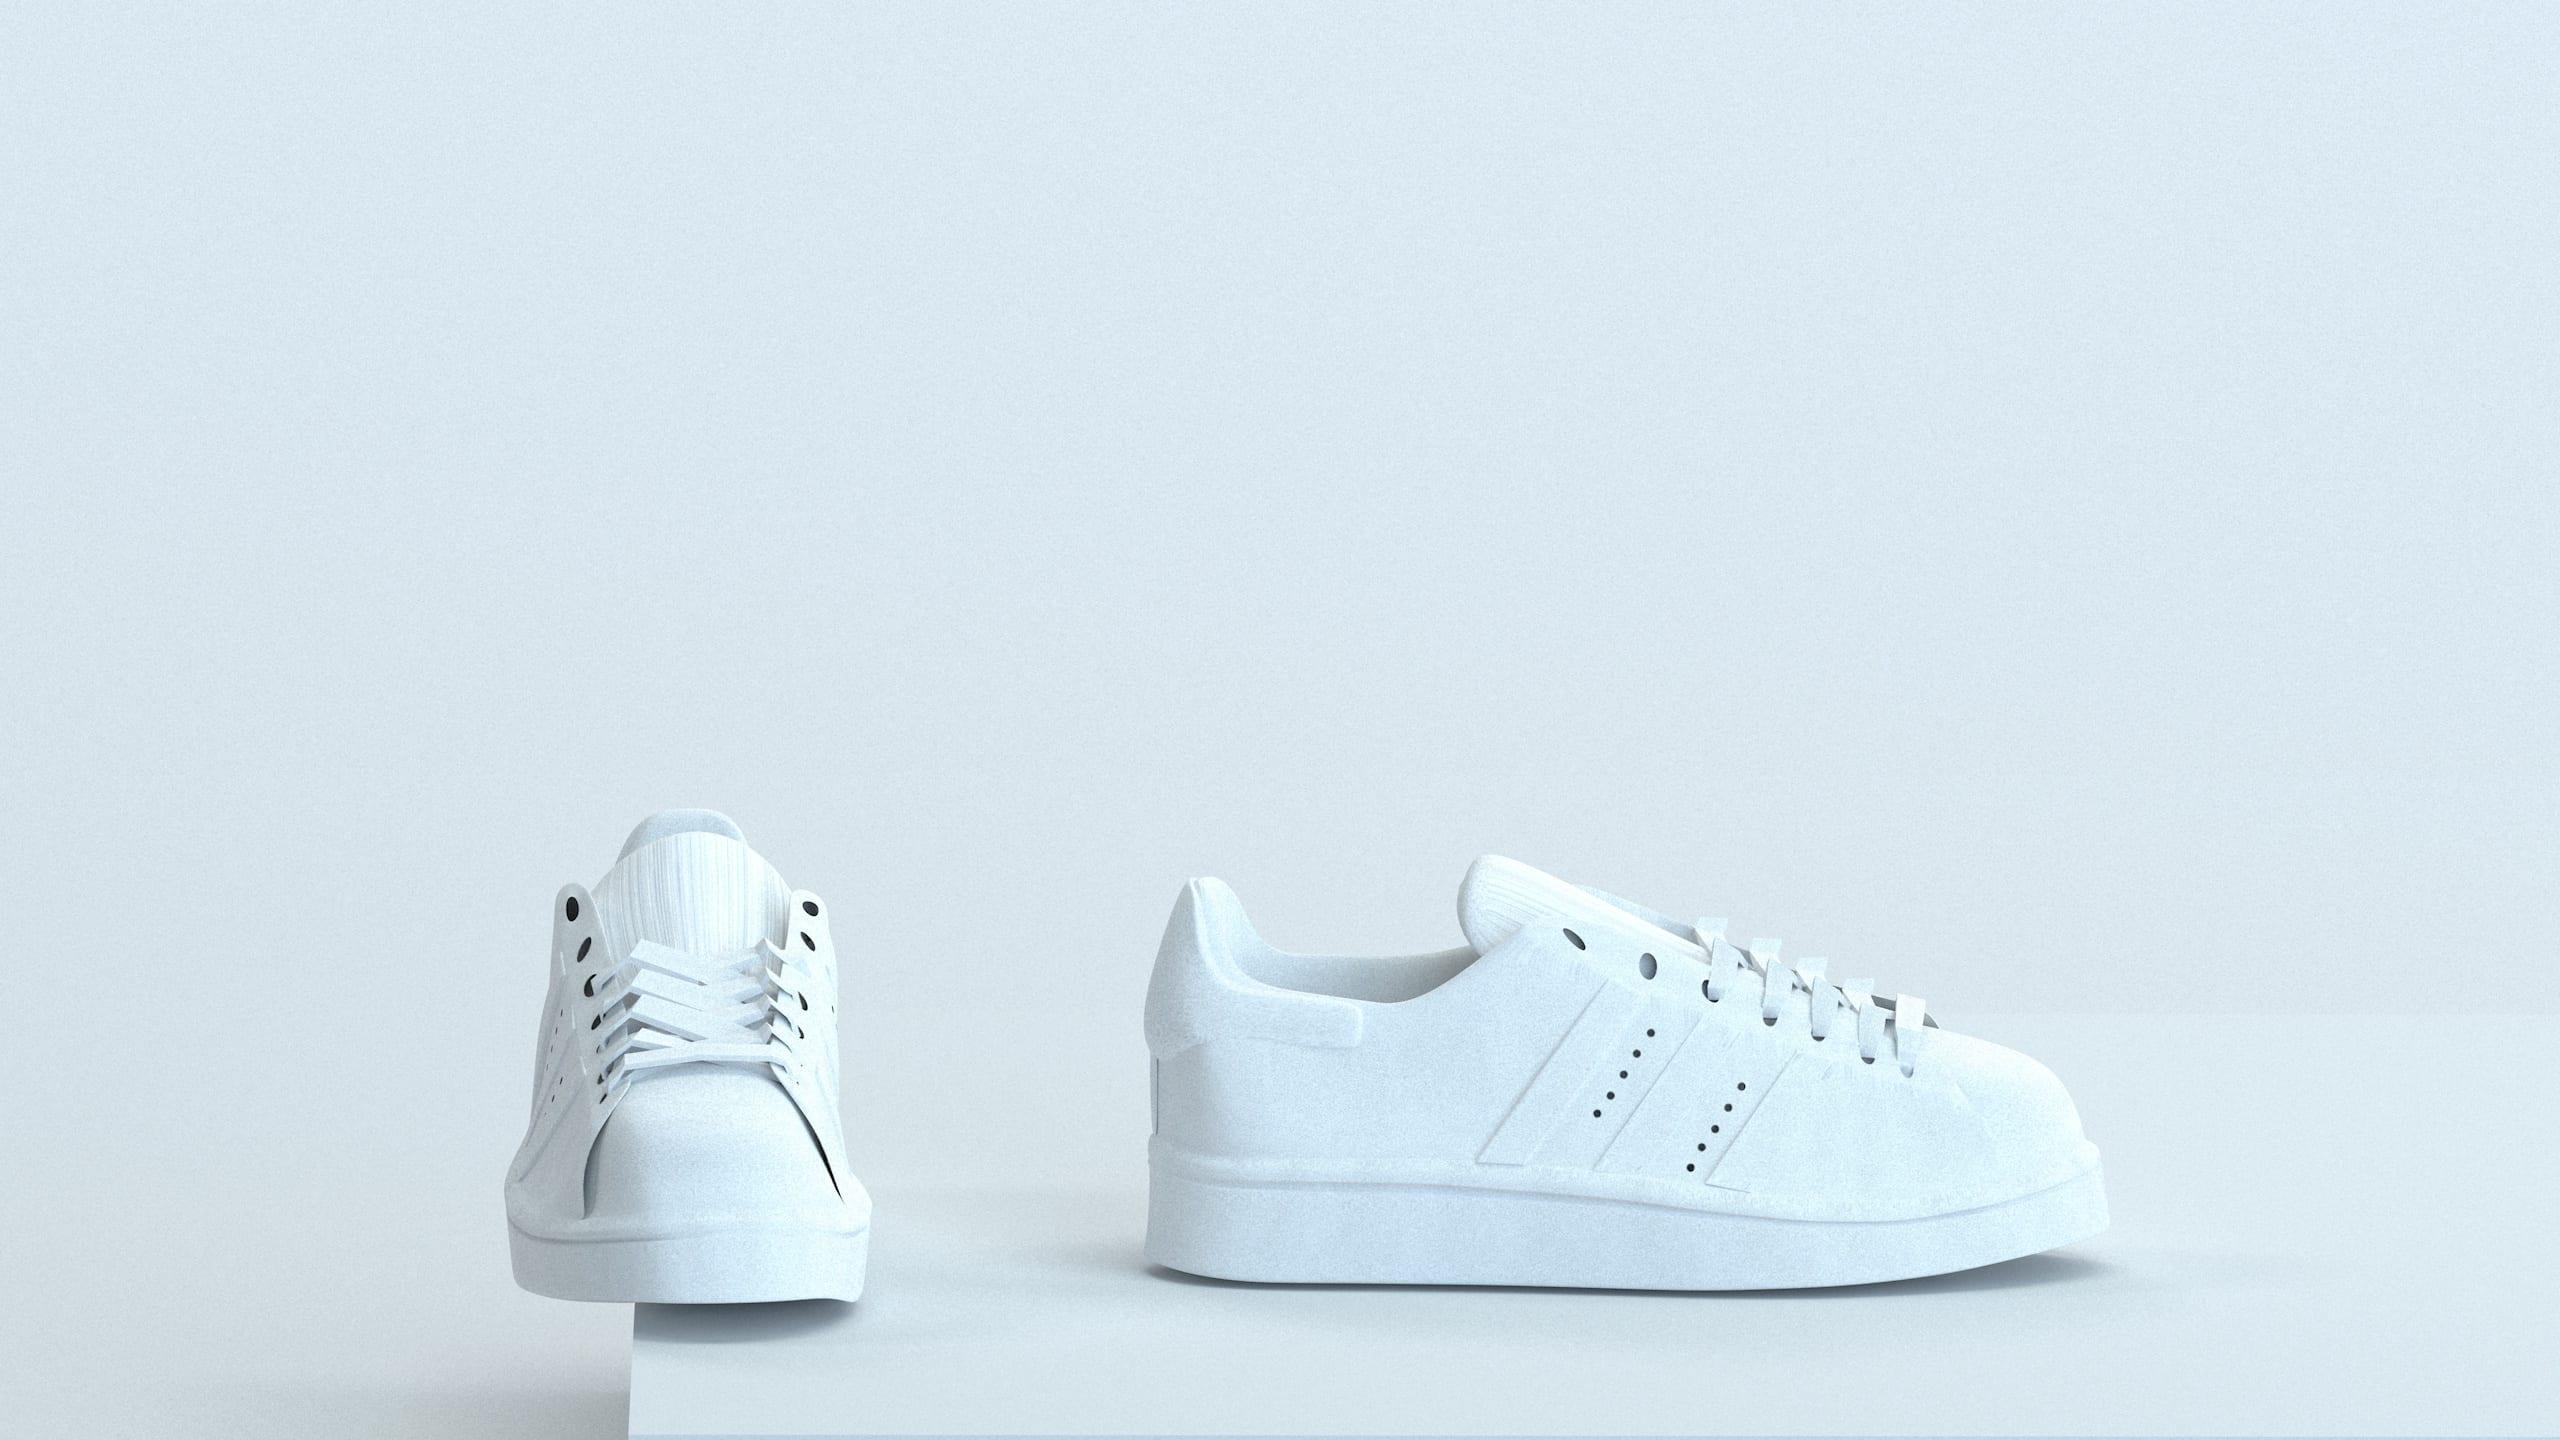 Adidas_Main_11_20-6